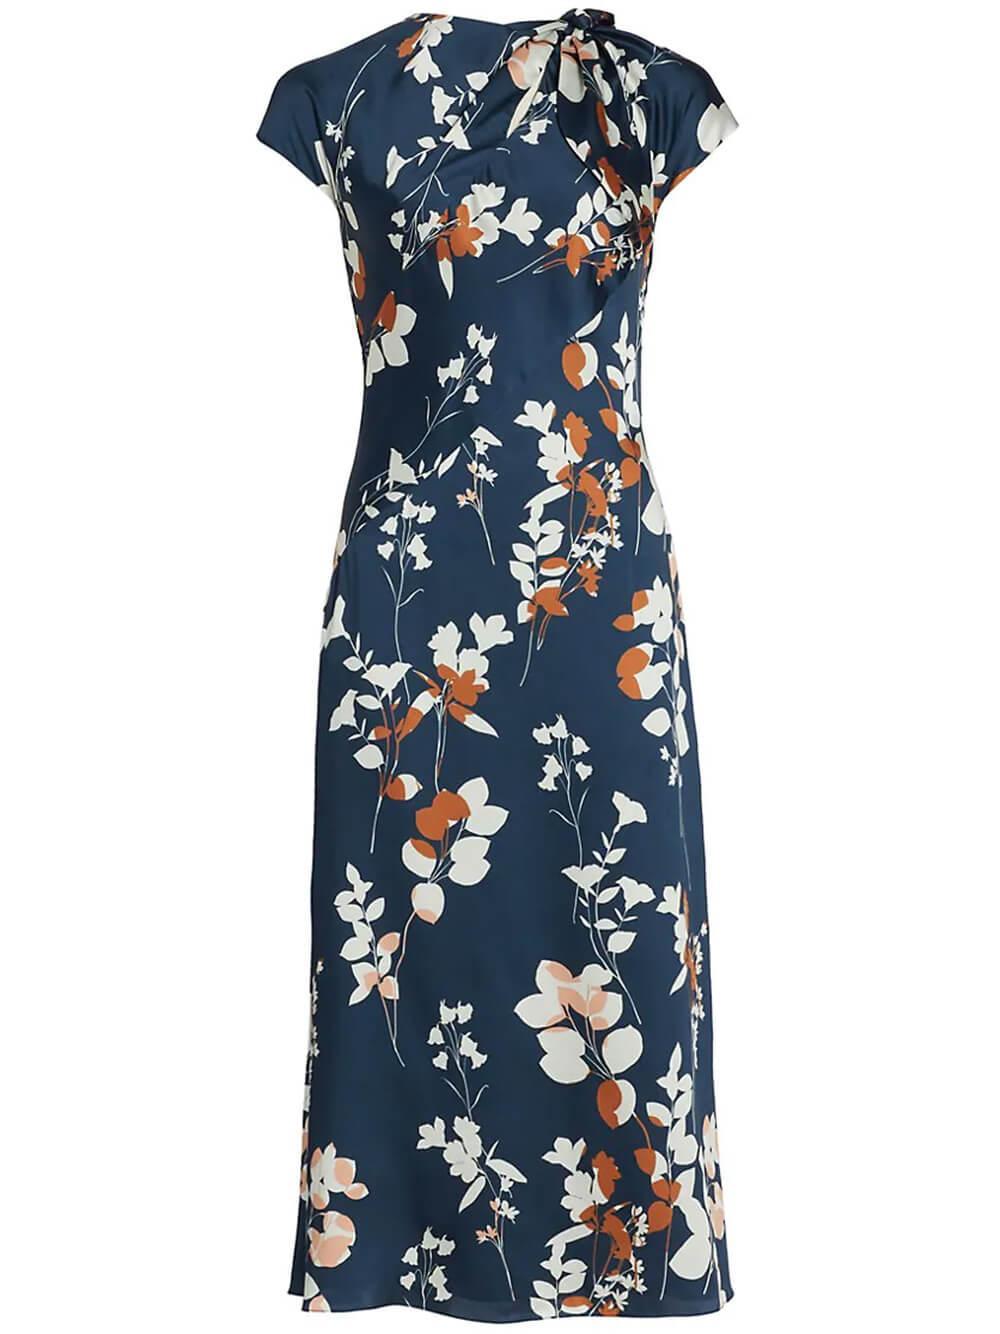 Satin Floral Midi Dress Item # 4415616